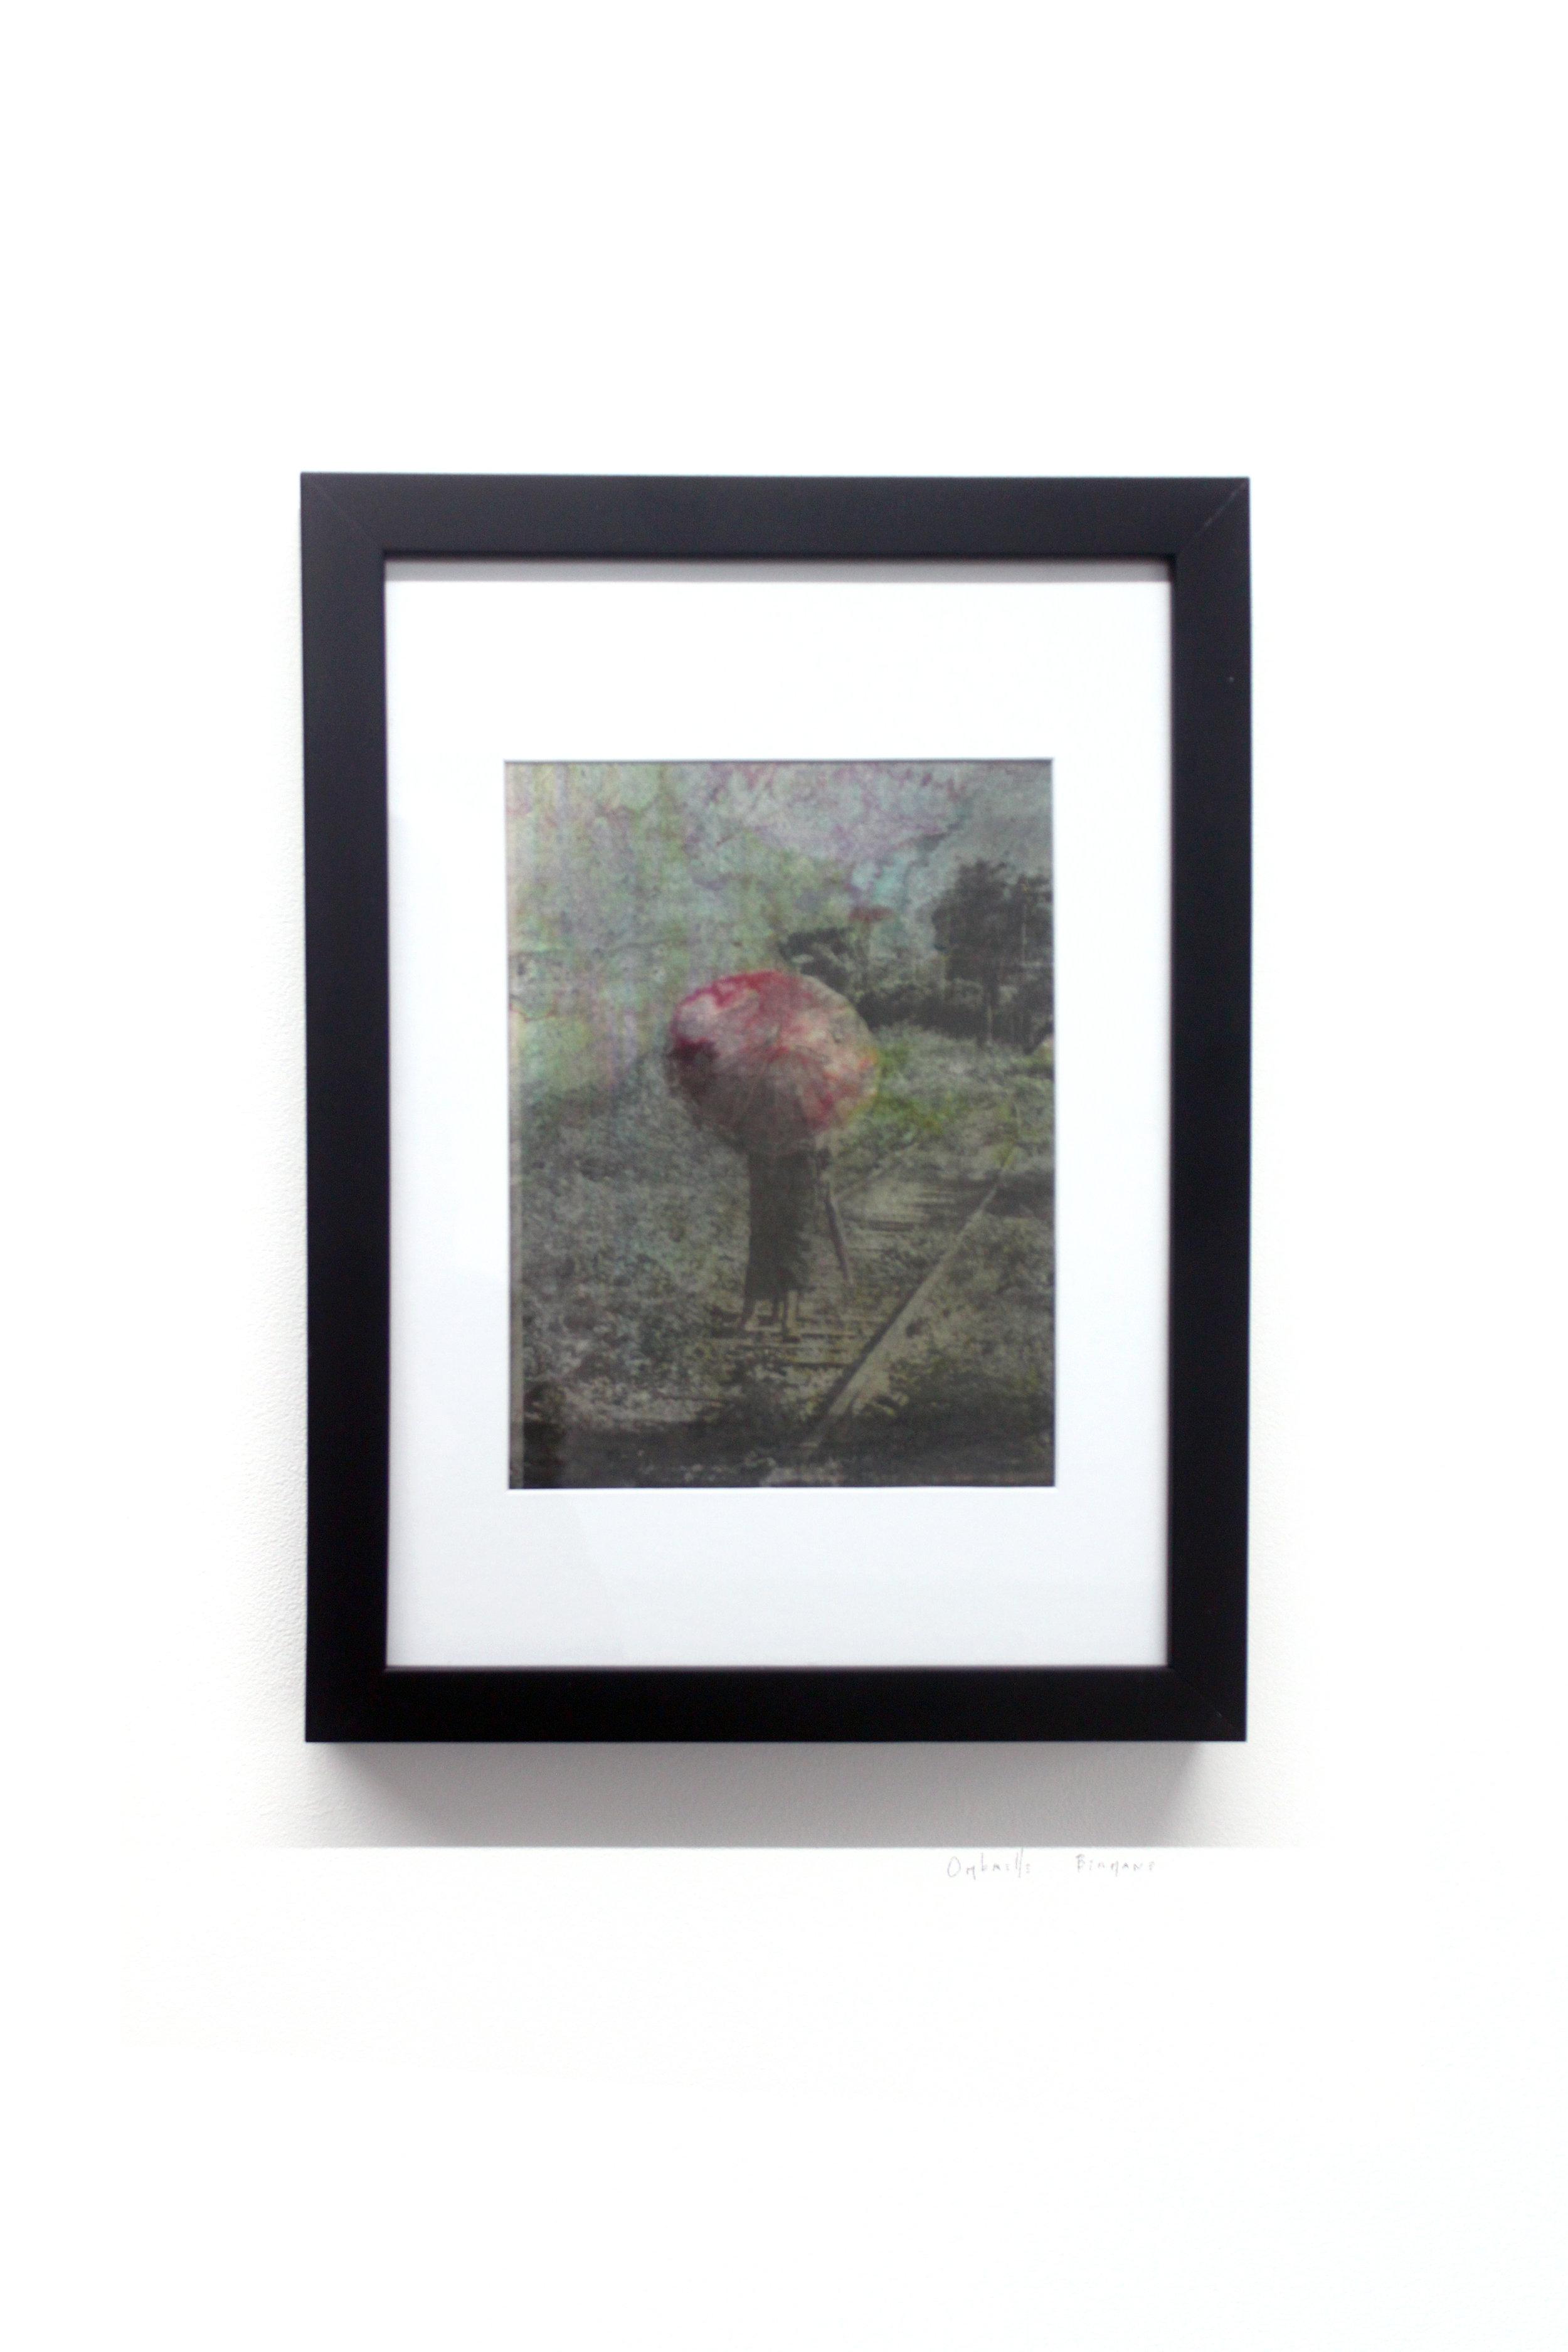 Edouard Burgeat, Train rails acid fragments, Ombrelle birmane, photographie argentine transférée sur acier, 21x15cm